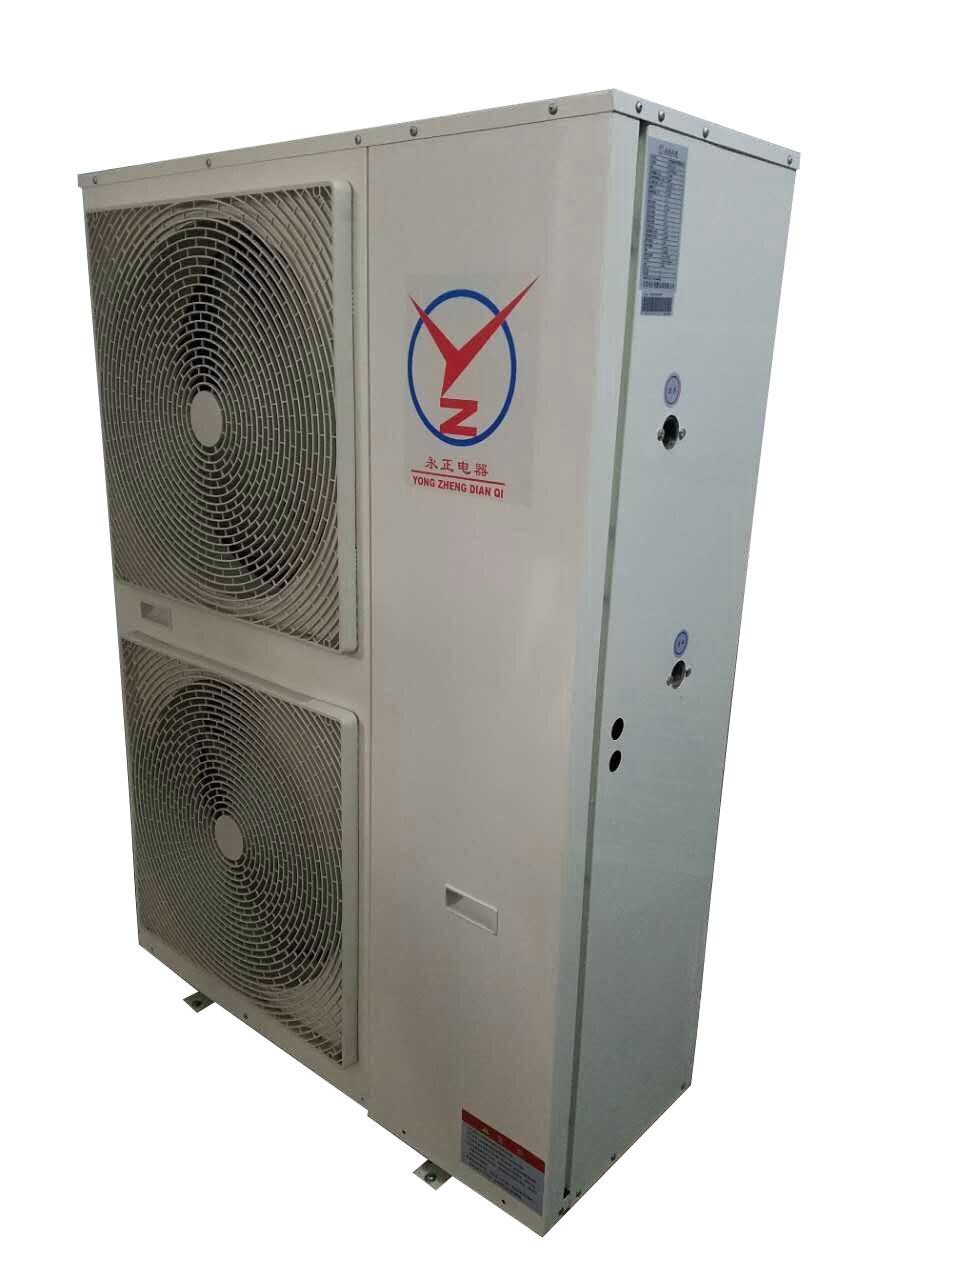 KFXYZBP-09D( 变频机)